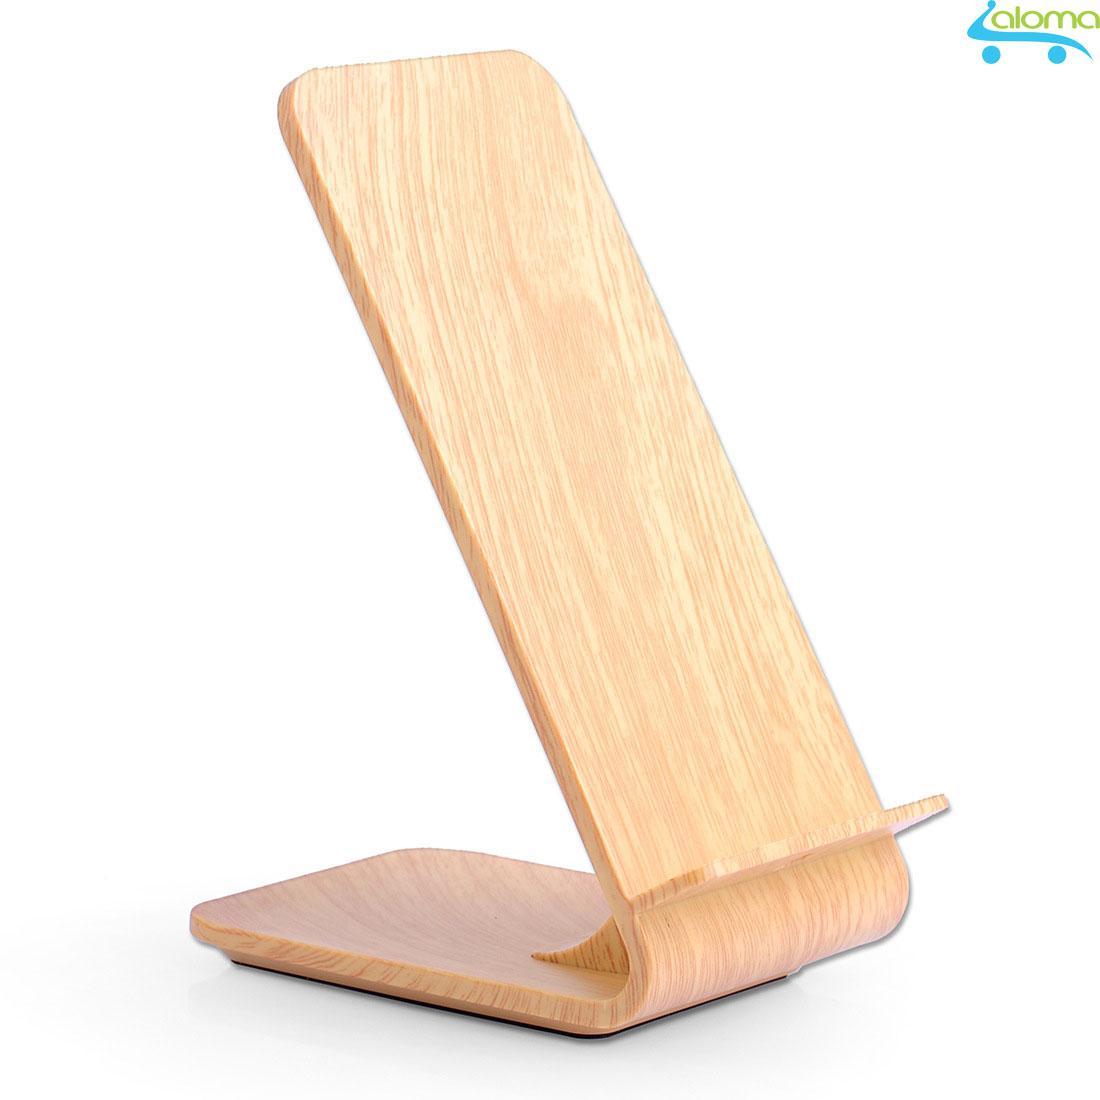 Hình ảnh Sạc không dây vỏ gỗ kiểu giá đỡ cho Samsung note 5 trở lên